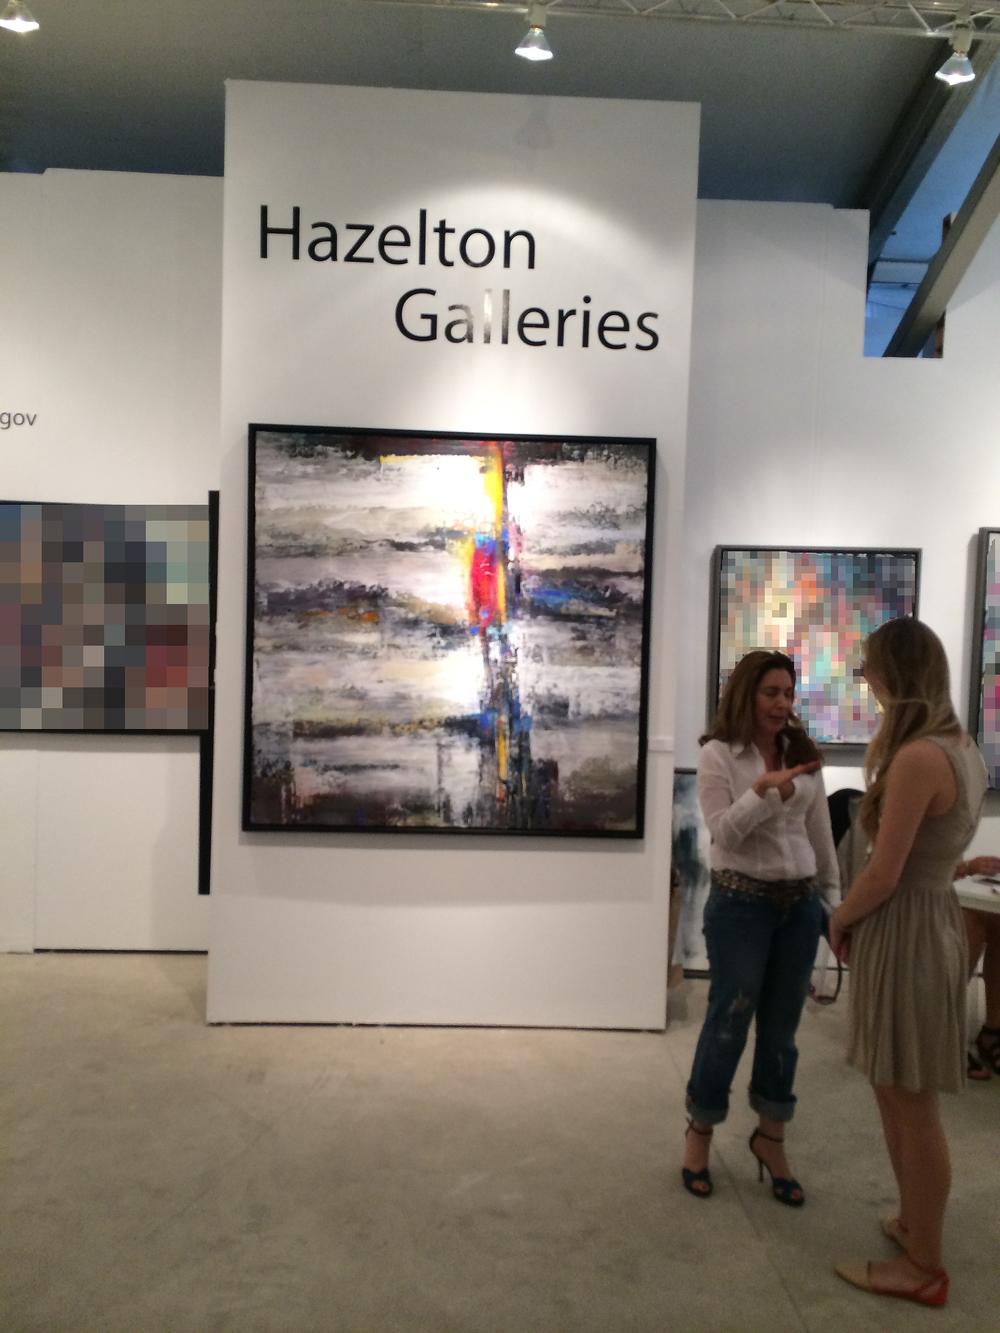 image courtesy of Hazelton Galleries